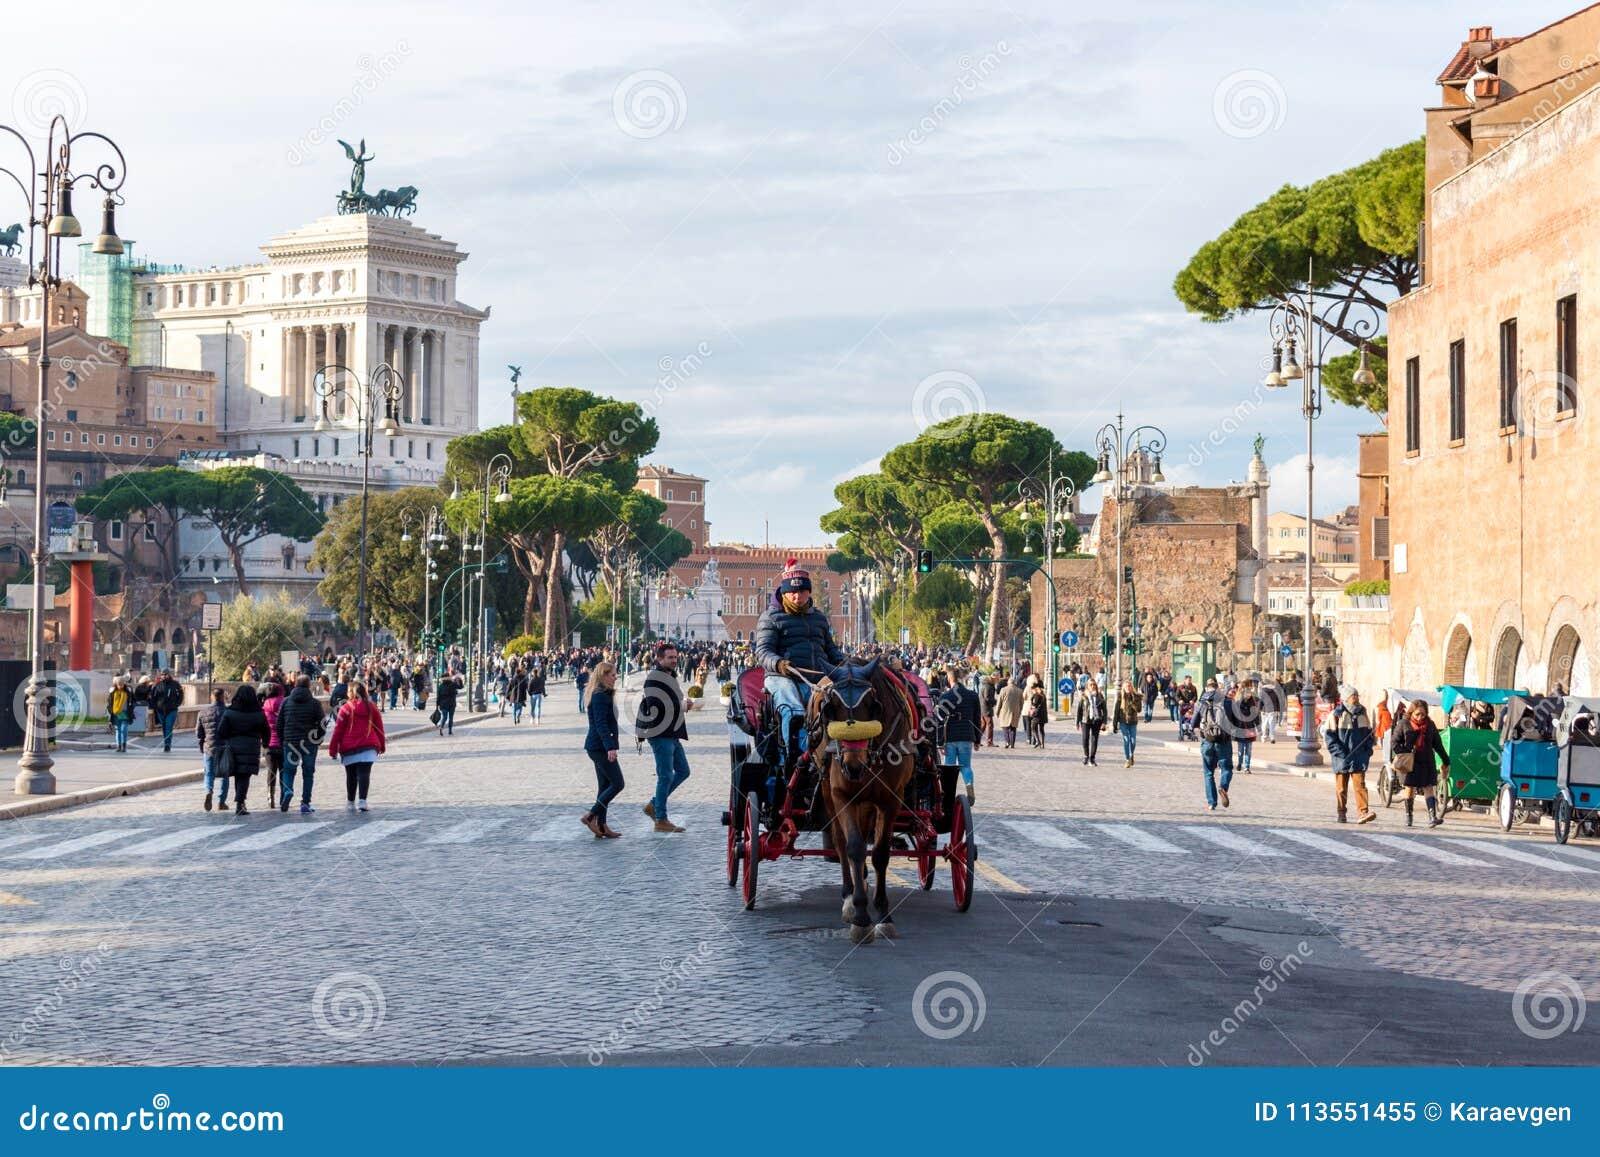 Belle vecchie finestre a Roma (Italia) 3 dicembre 2017 Bella vista di paesaggio urbano di Roma